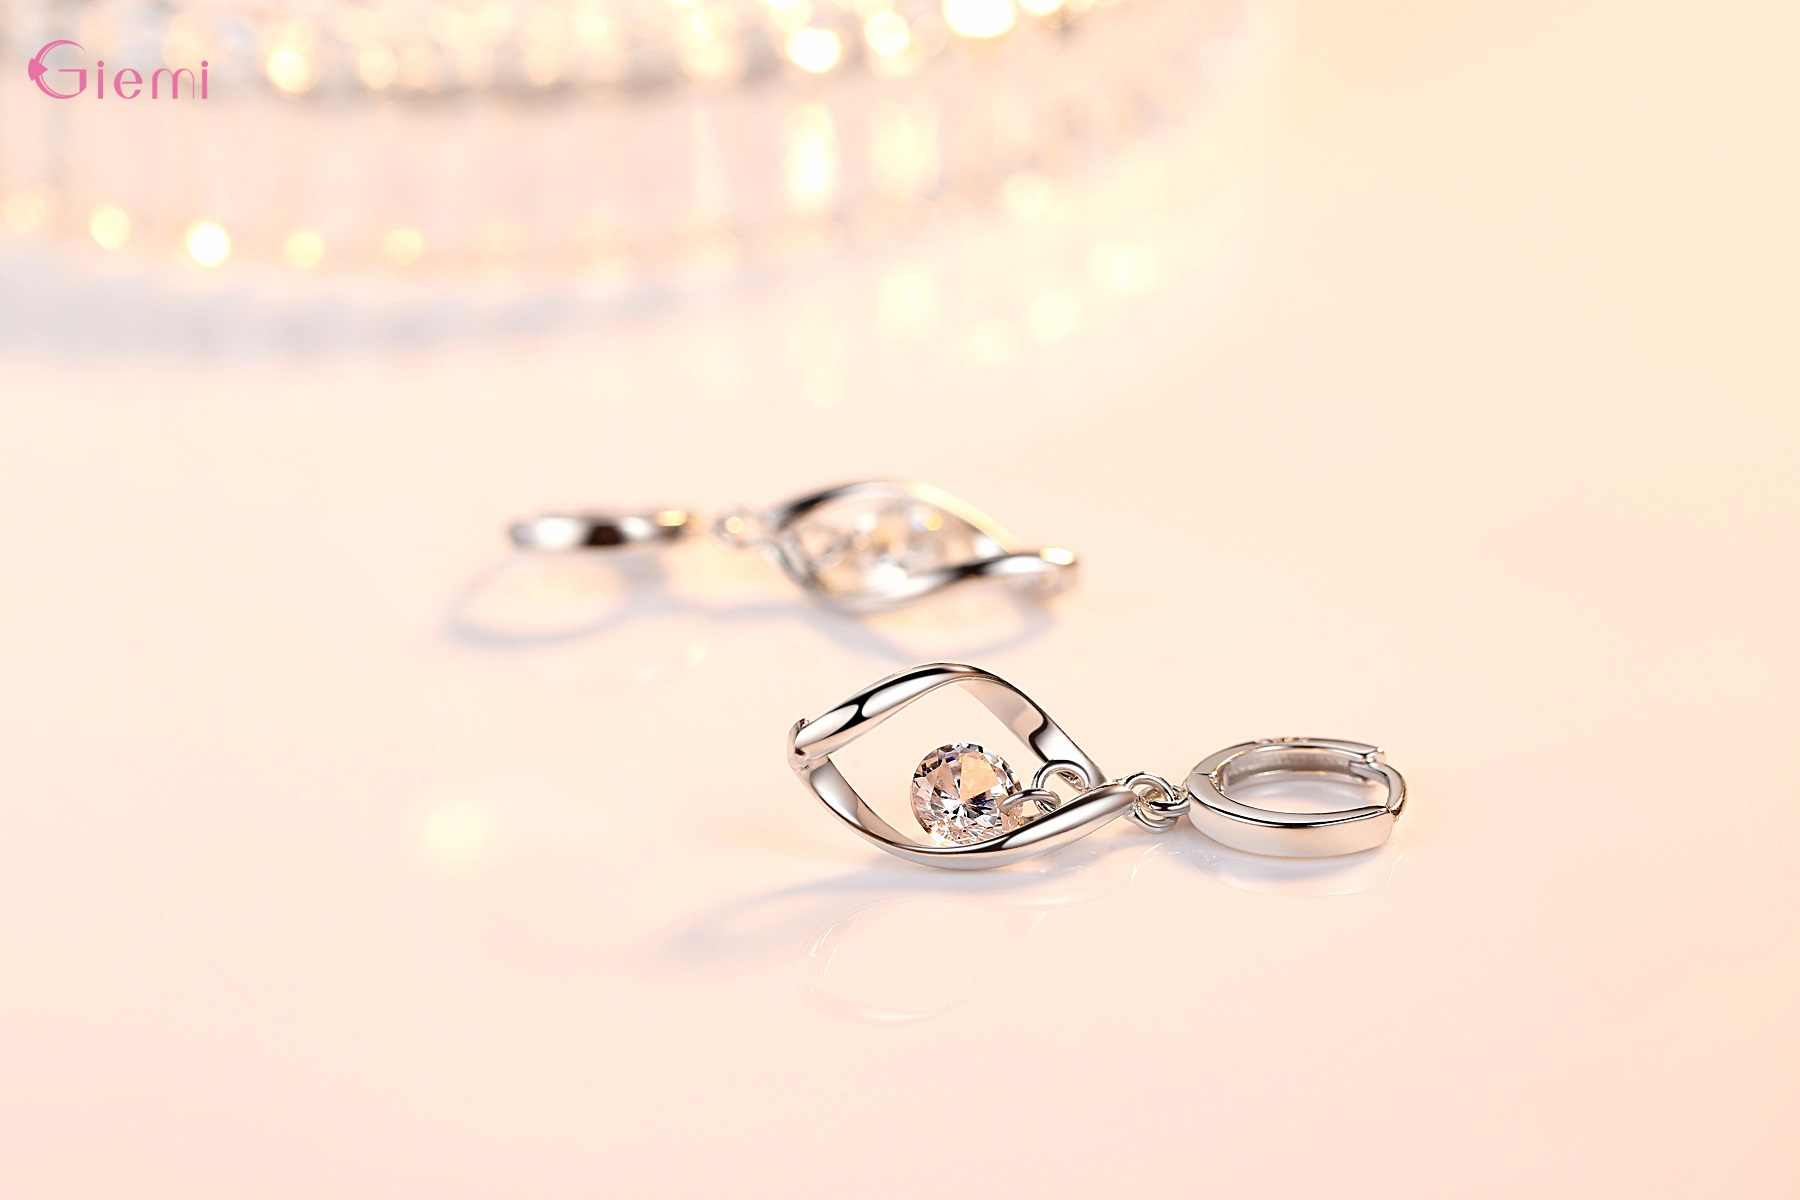 Nova Moda Conjunto de Jóias 925 Sterling Silver Cubic Zirconia Pérola Rotação Artesanal de Amor Mulheres Gota Brincos de Pingente de Colar